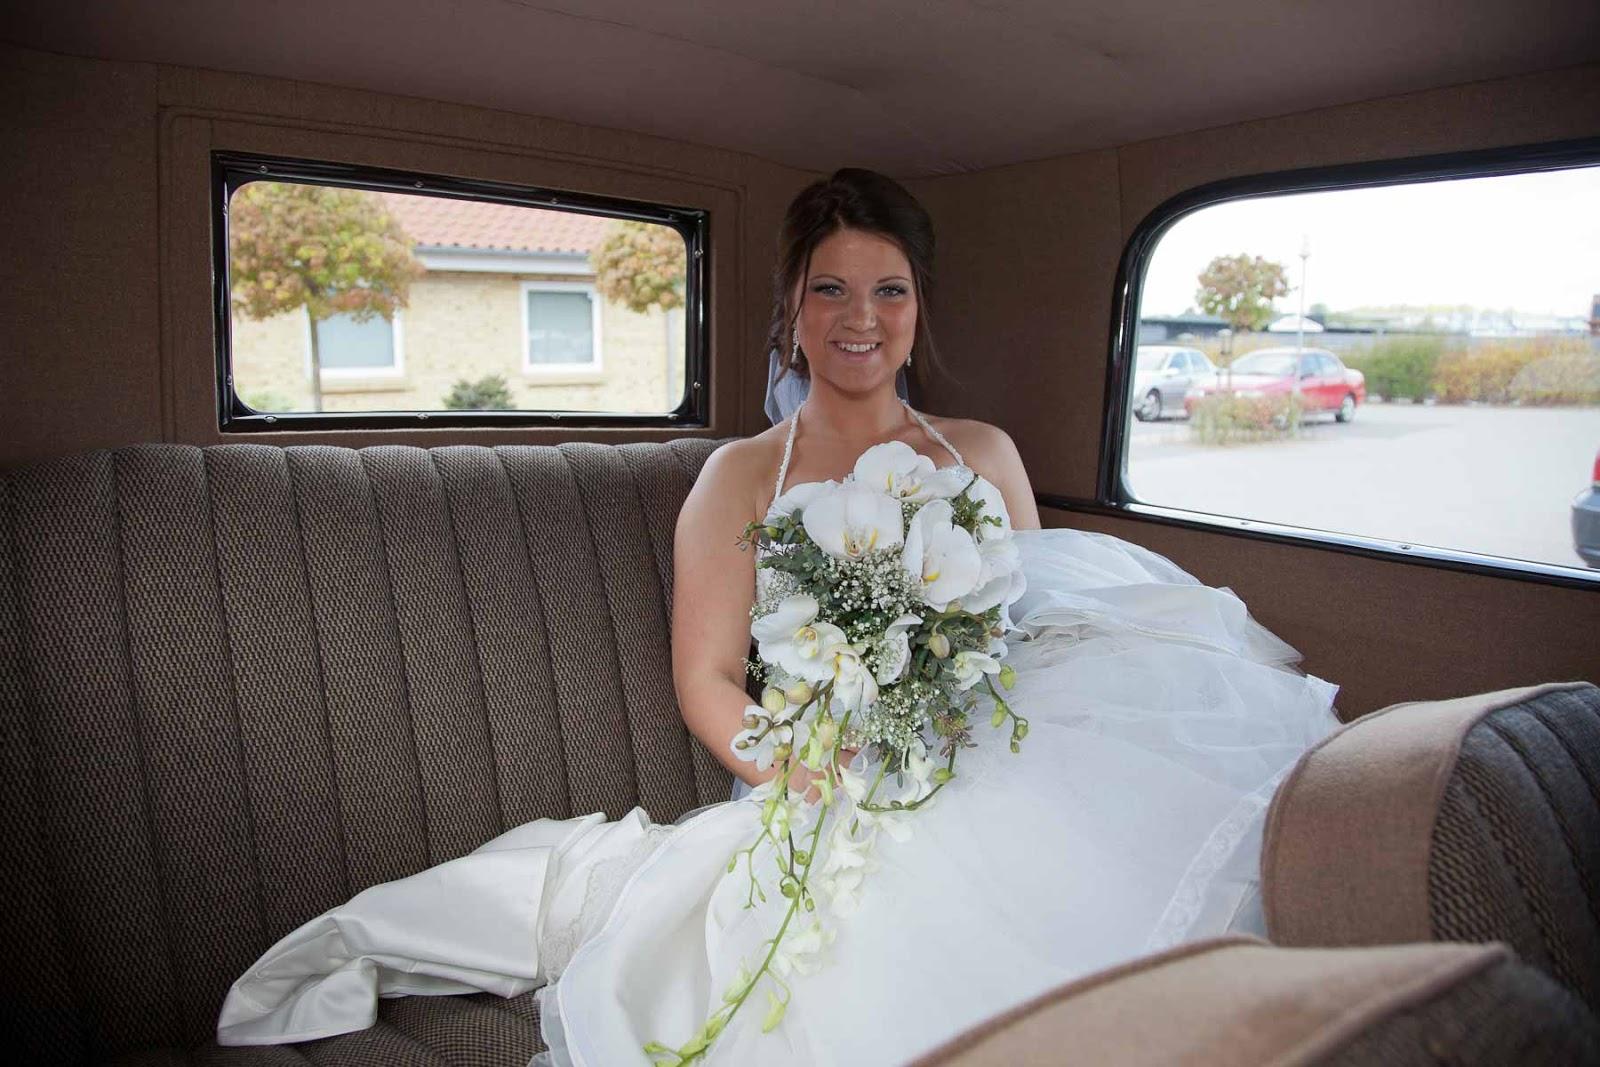 7b205073 At købe en brudekjole kan være dyrt. Når du går shopping for dit bryllup  kjole, prøve at få en kjole, som måske ikke traditionelt opfattes som en  mulighed ...